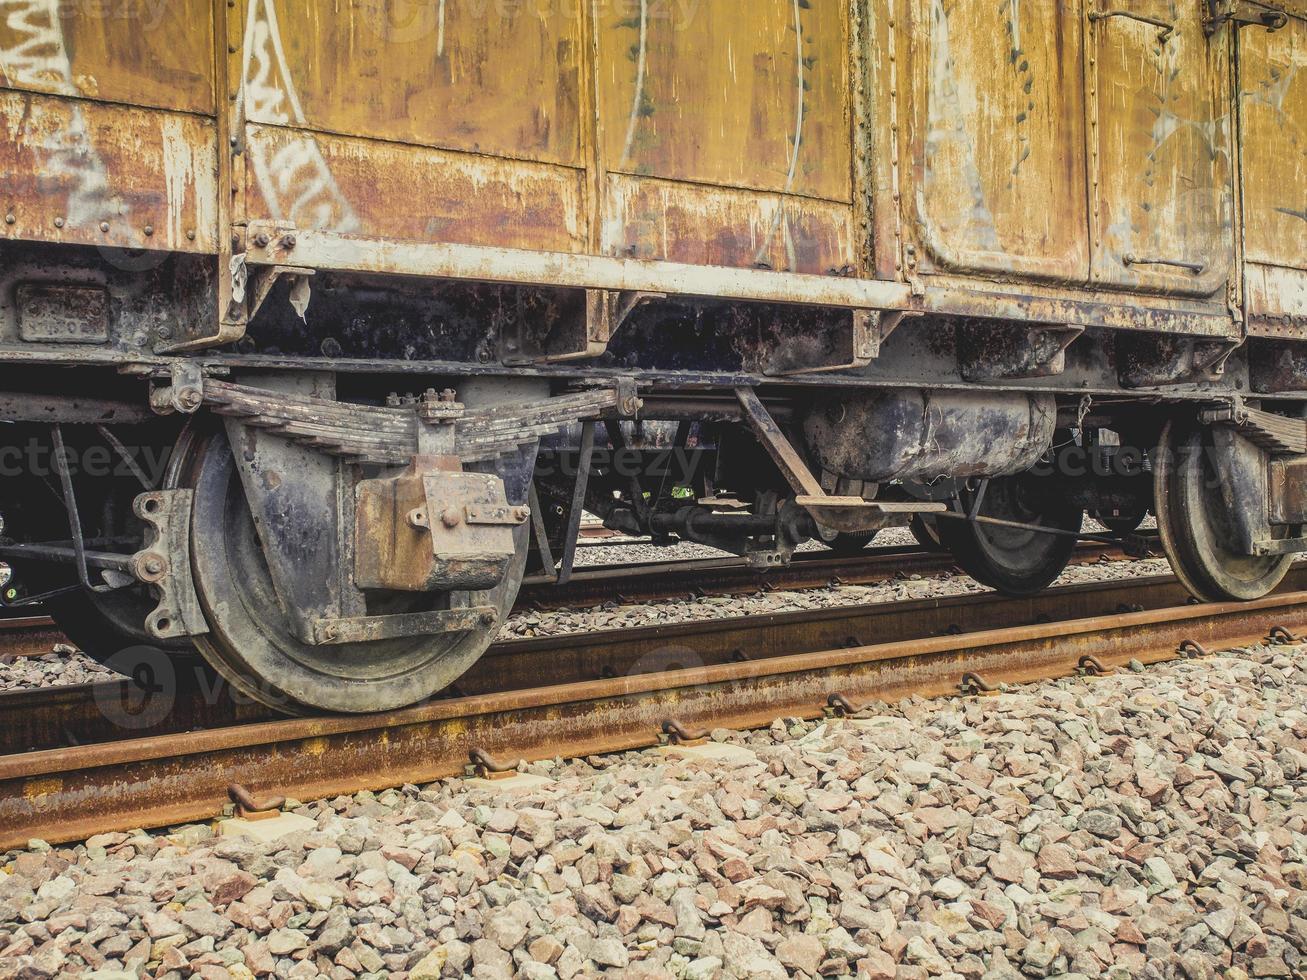 ruota del treno, vecchio treno merci foto